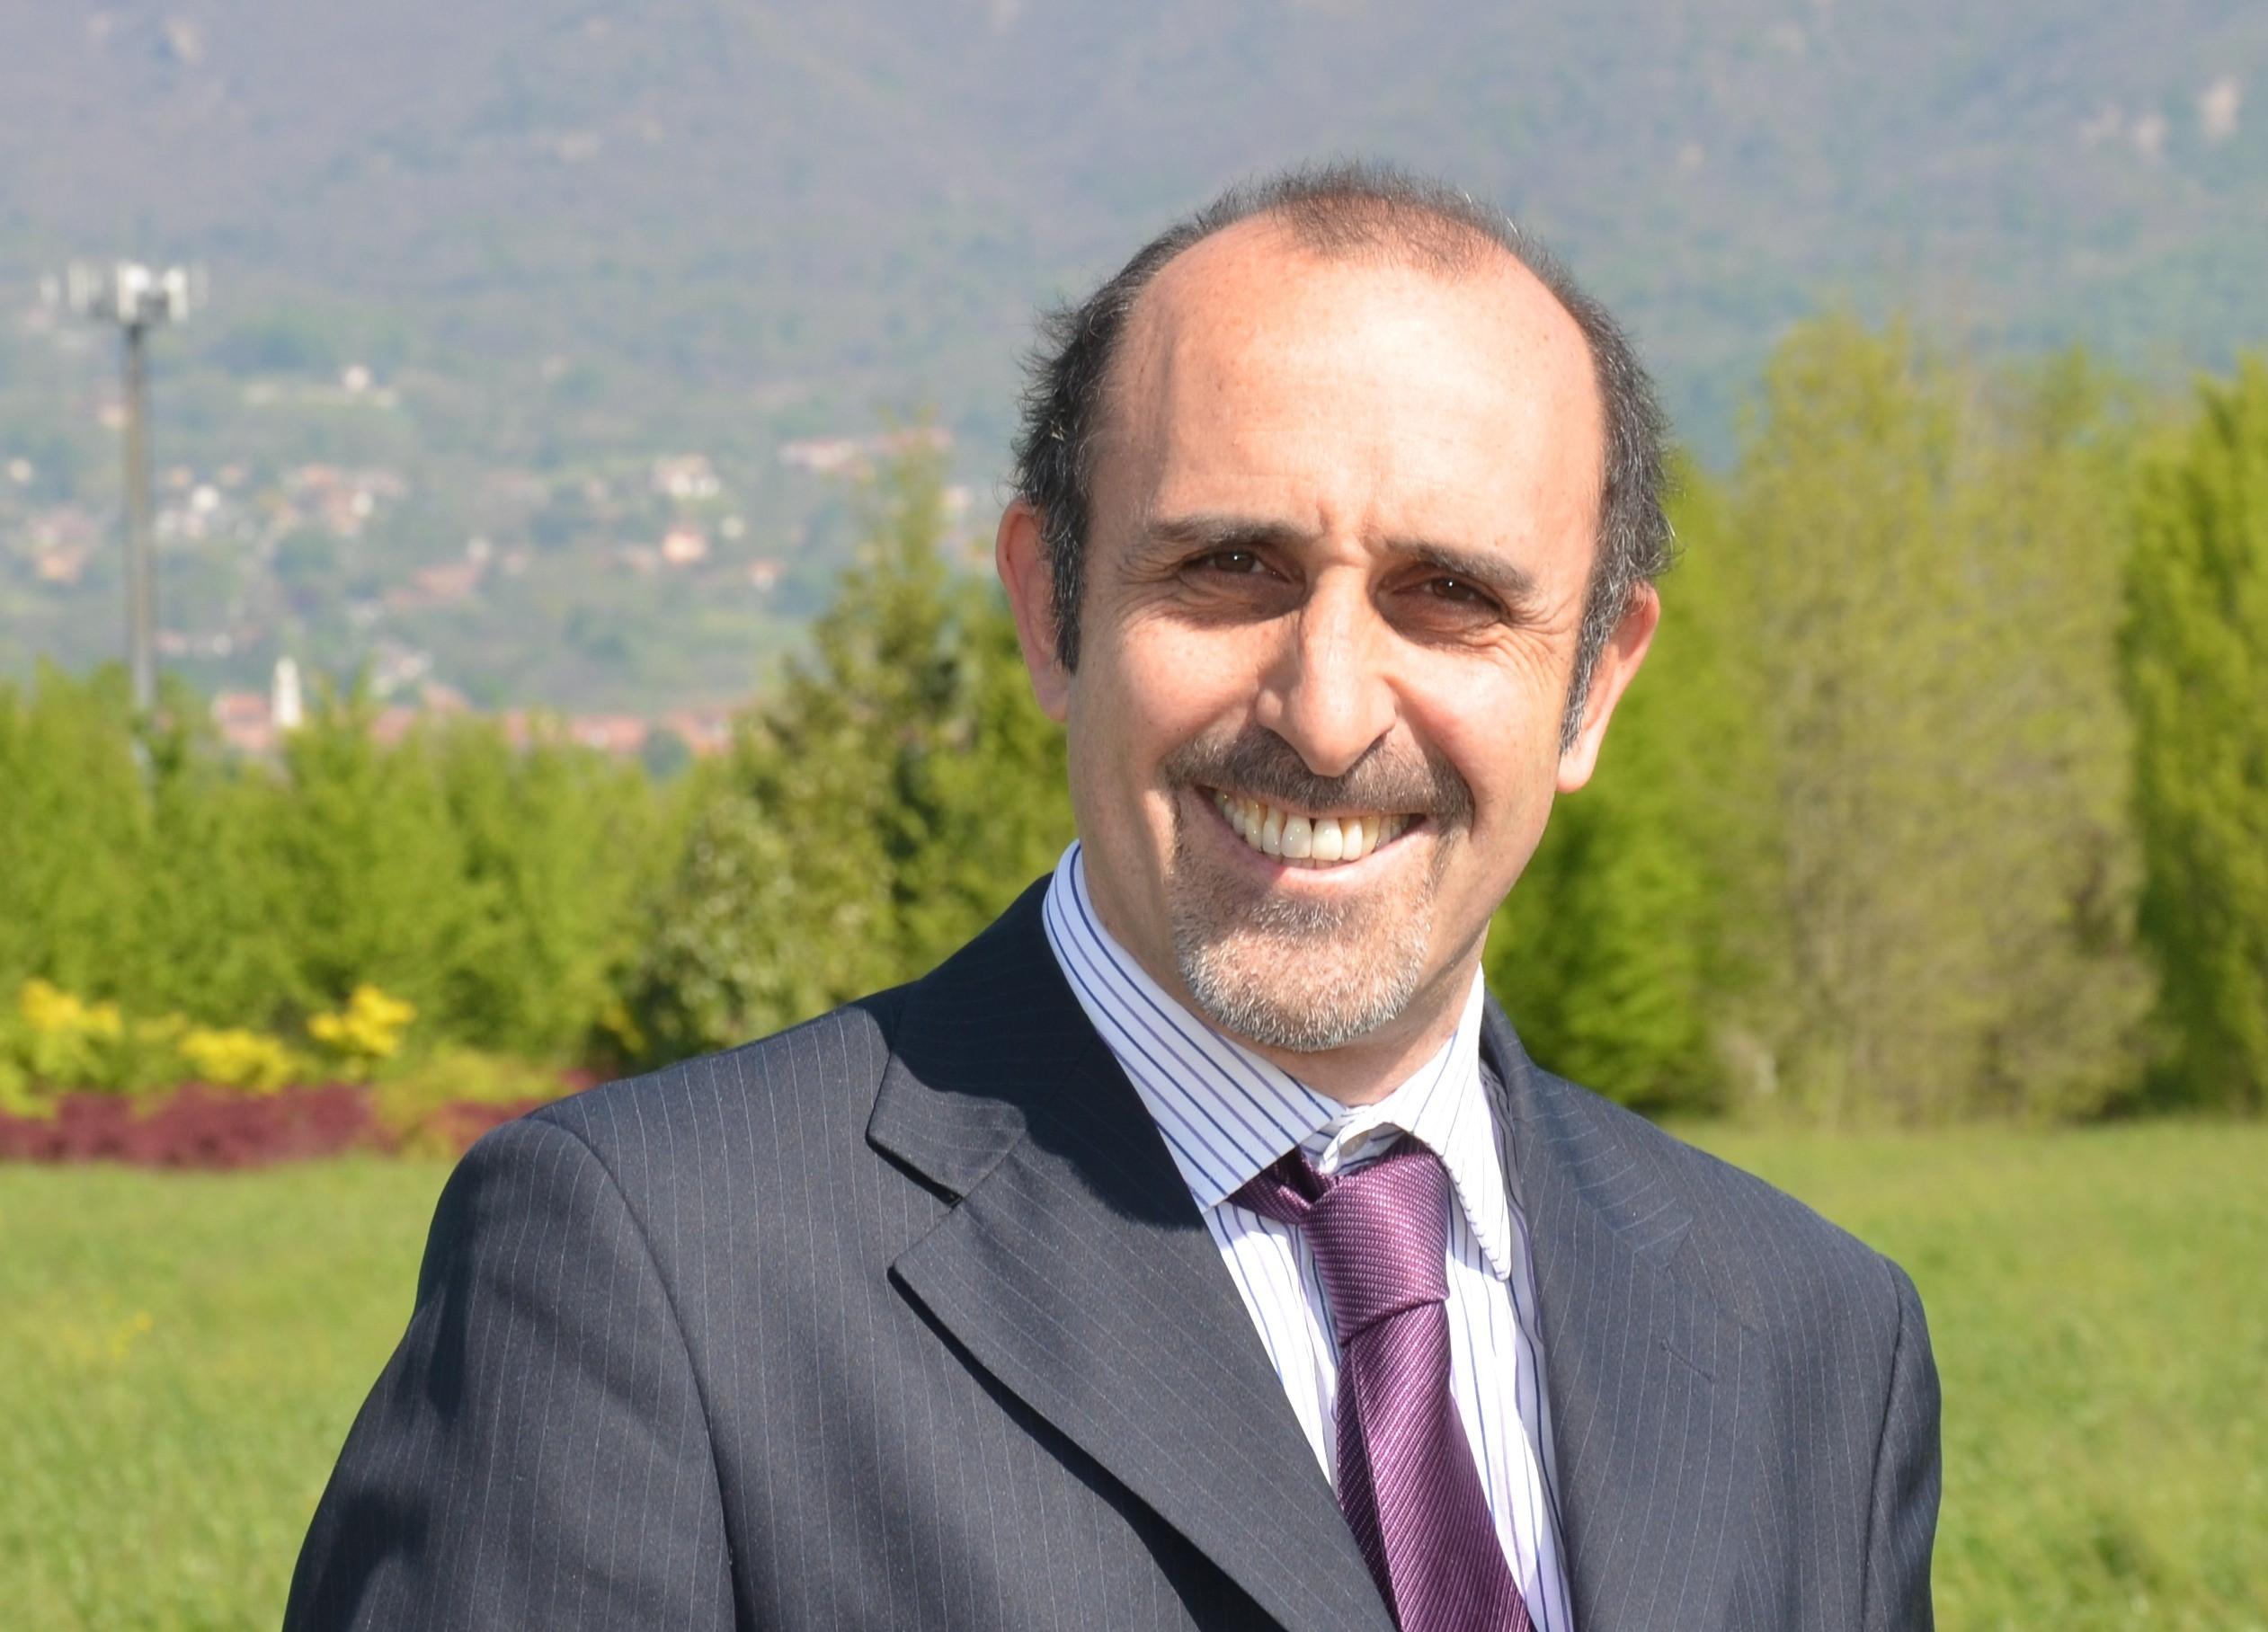 Regionali 2014: Elvio Rostagno ce la fa. In Consiglio anche il pentastellato Valetti